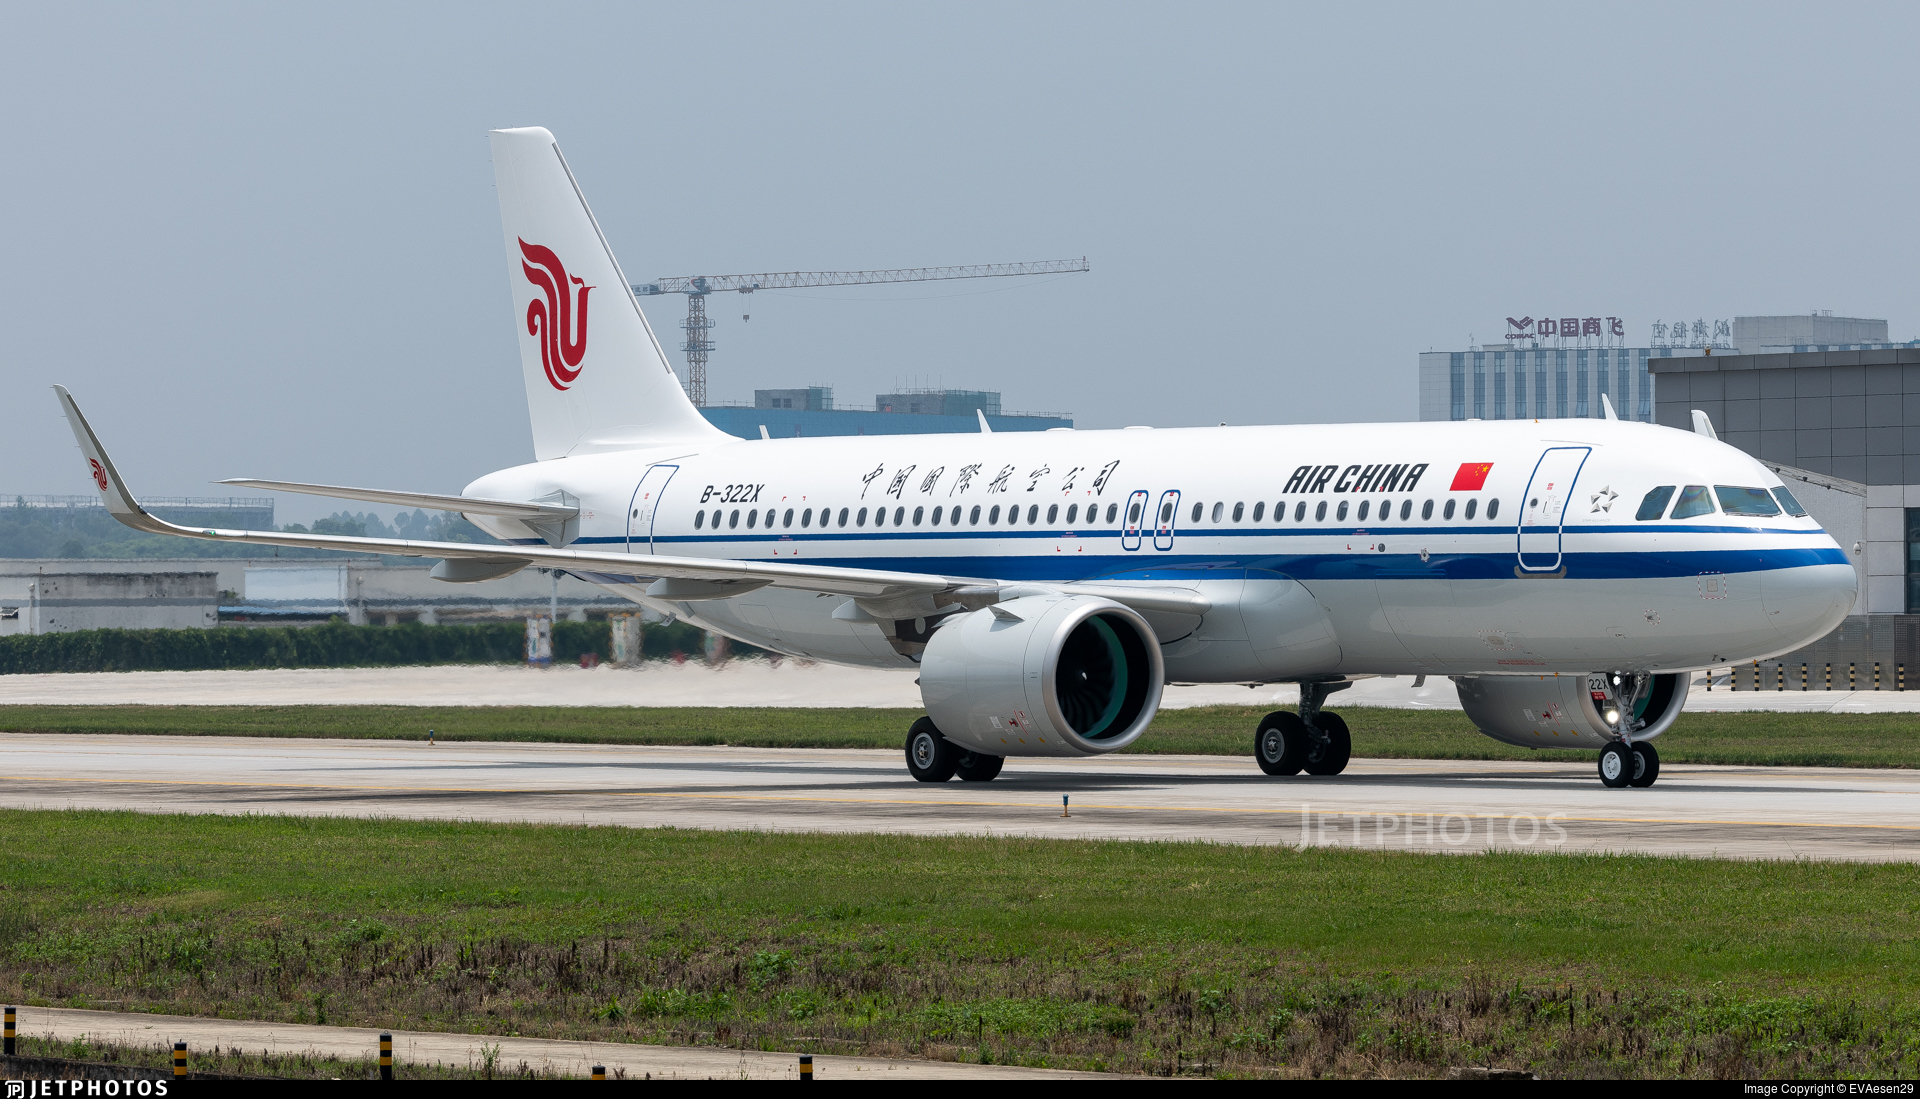 B-322X - Airbus A320-271N - Air China